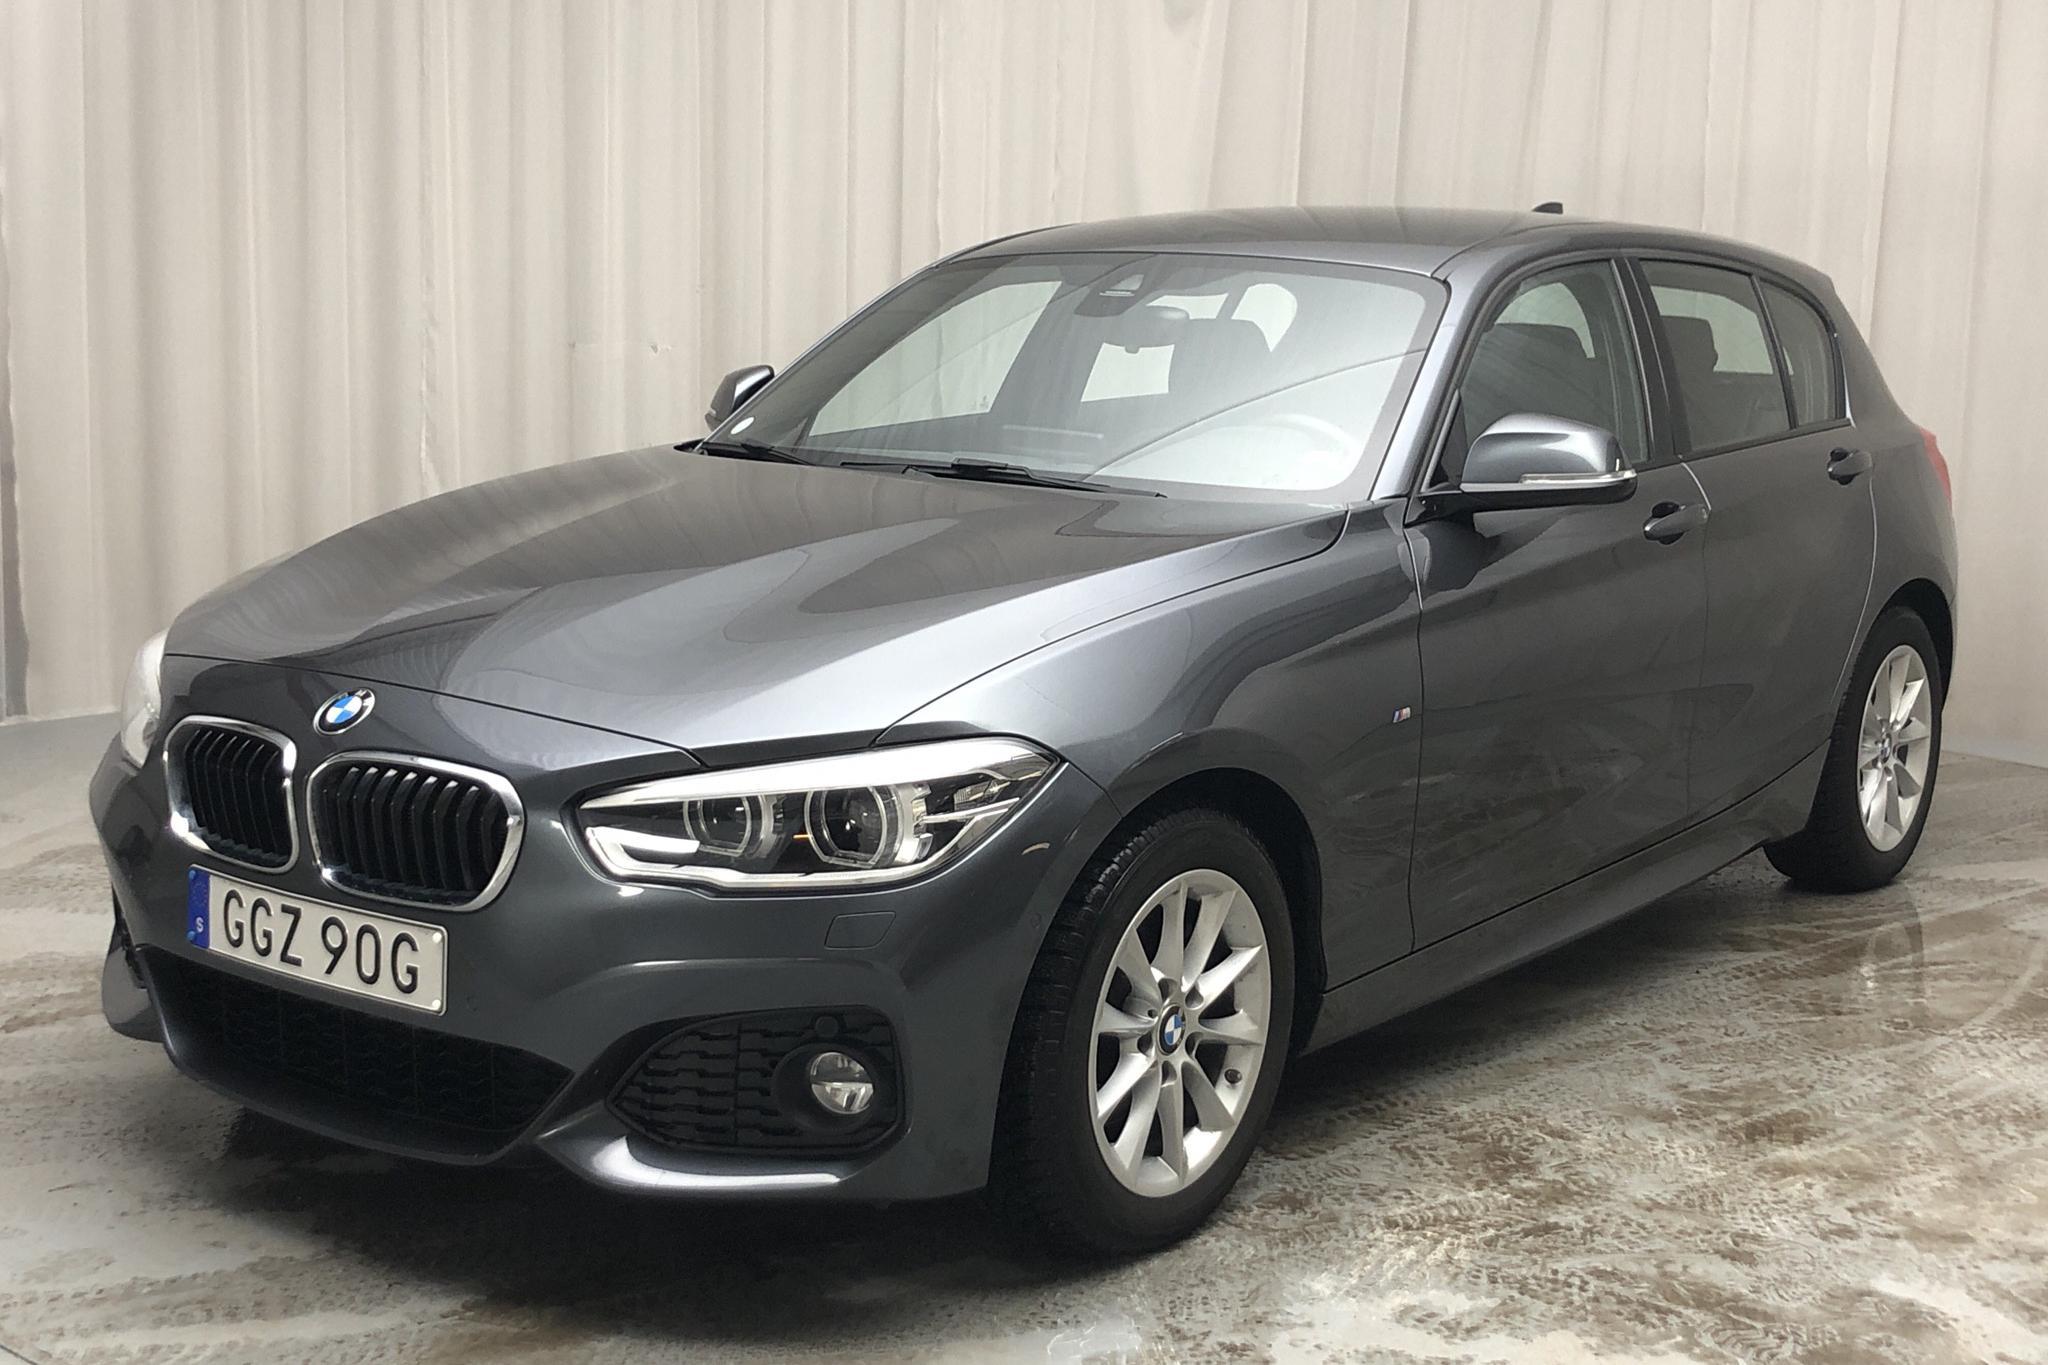 BMW 120i 5dr, F20 (184hk) - 2 286 mil - Automat - grå - 2019